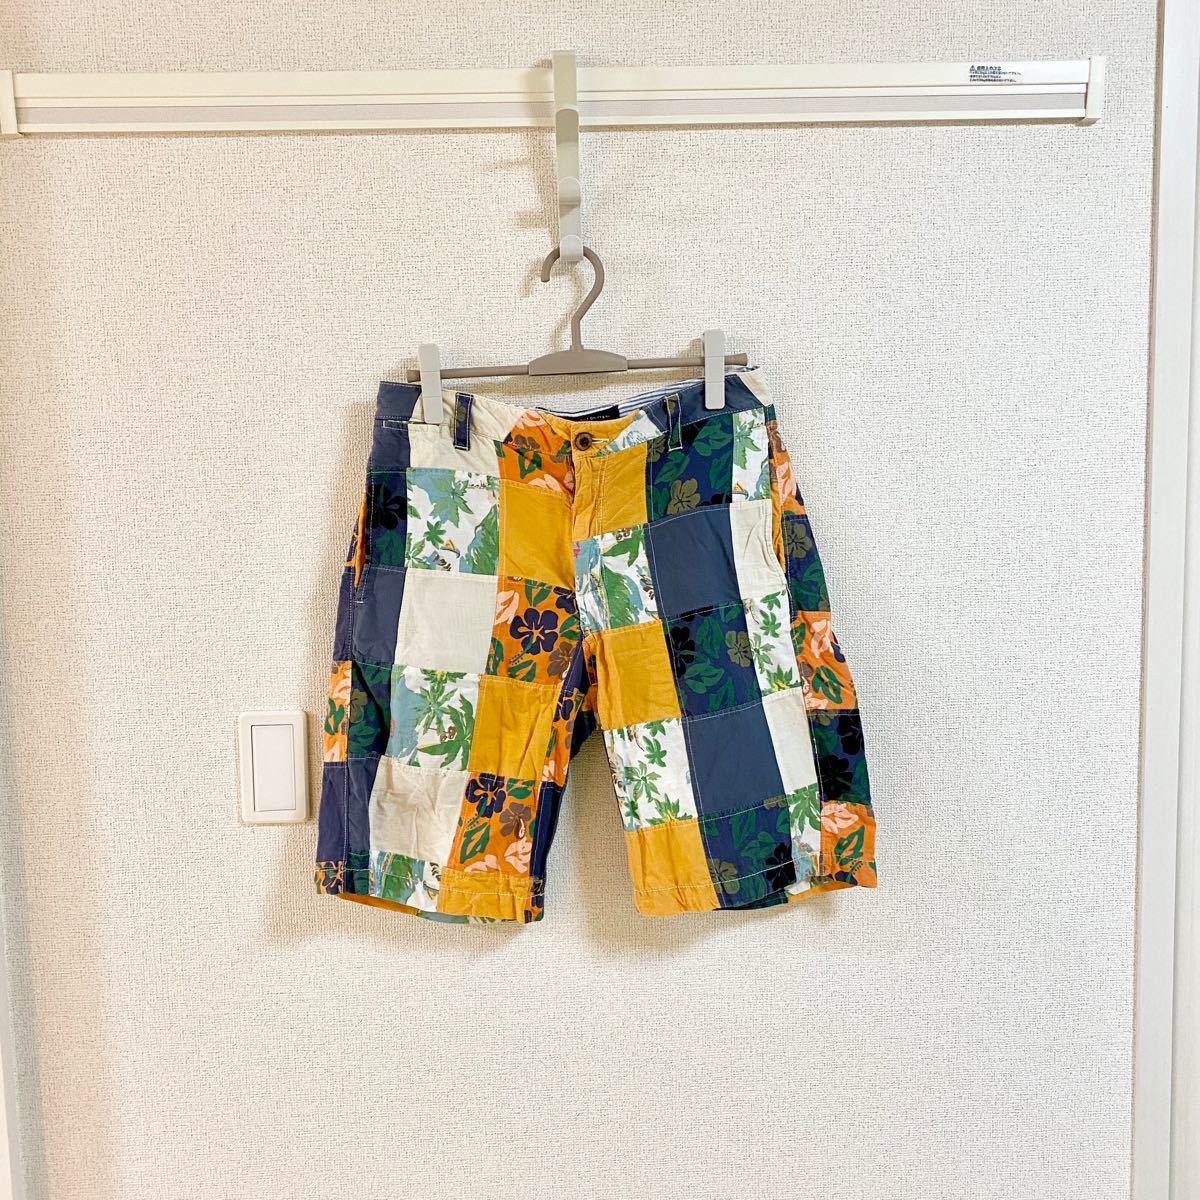 ハーフパンツ ショートパンツ メンズ おしゃれ 夏 ビーチ 海 かっこいい